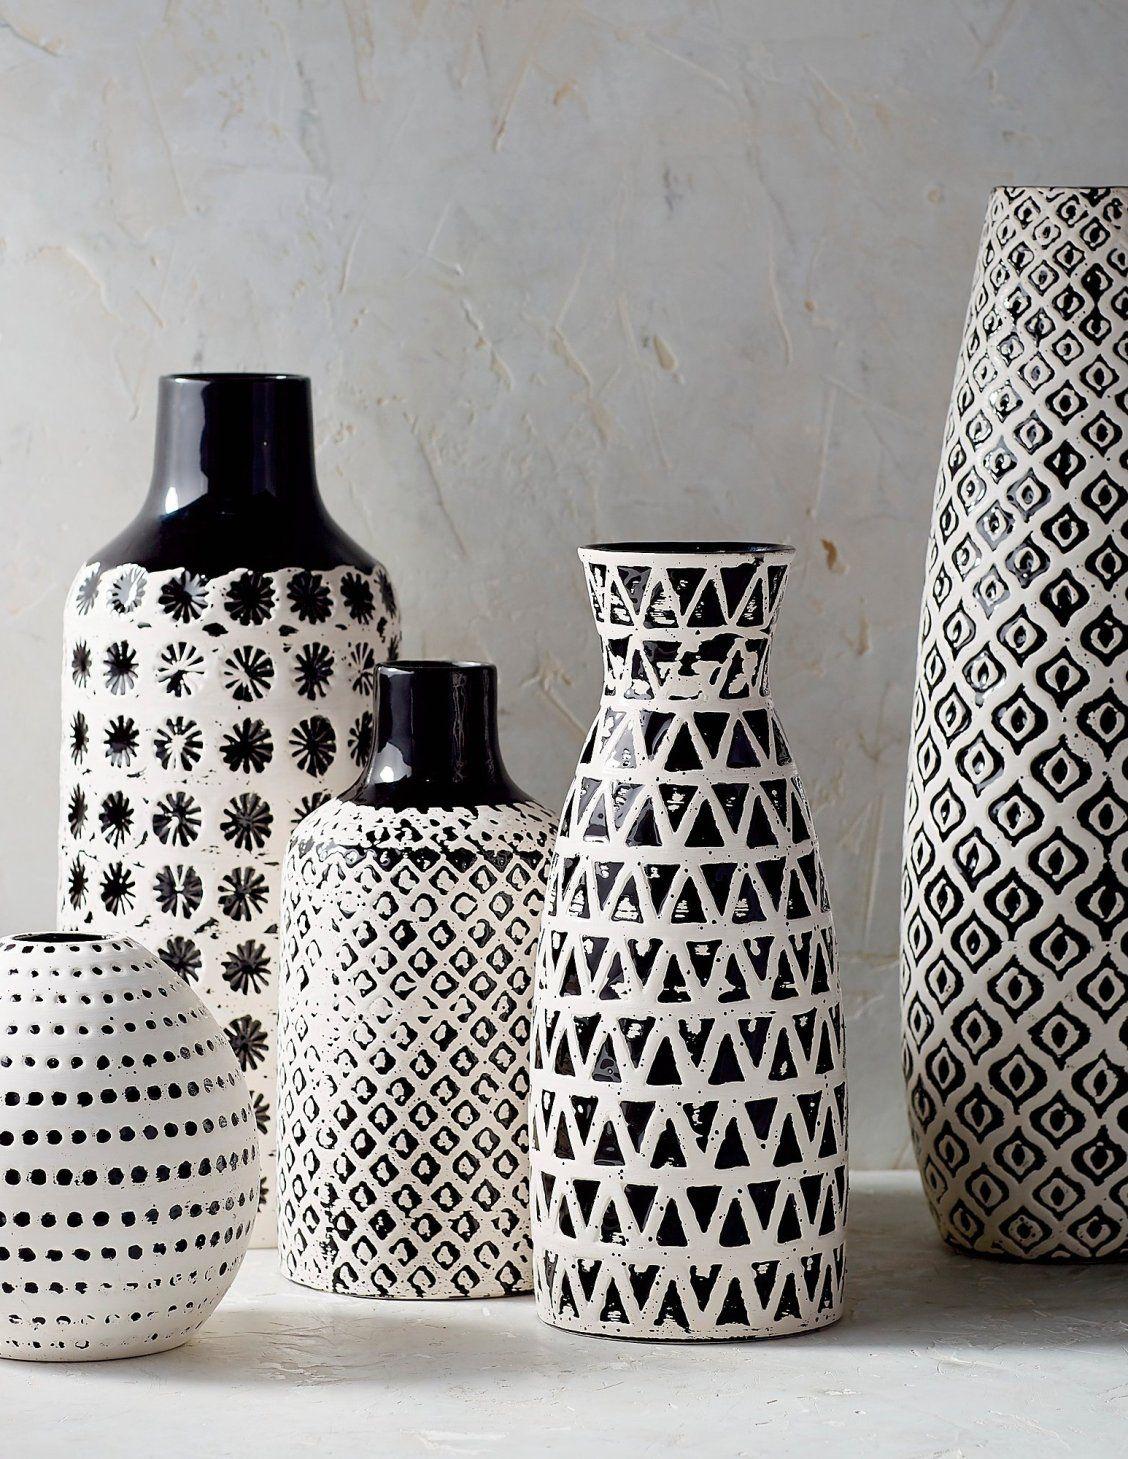 Chiara Ceramic Vase Collection With Images Ceramic Vase Black